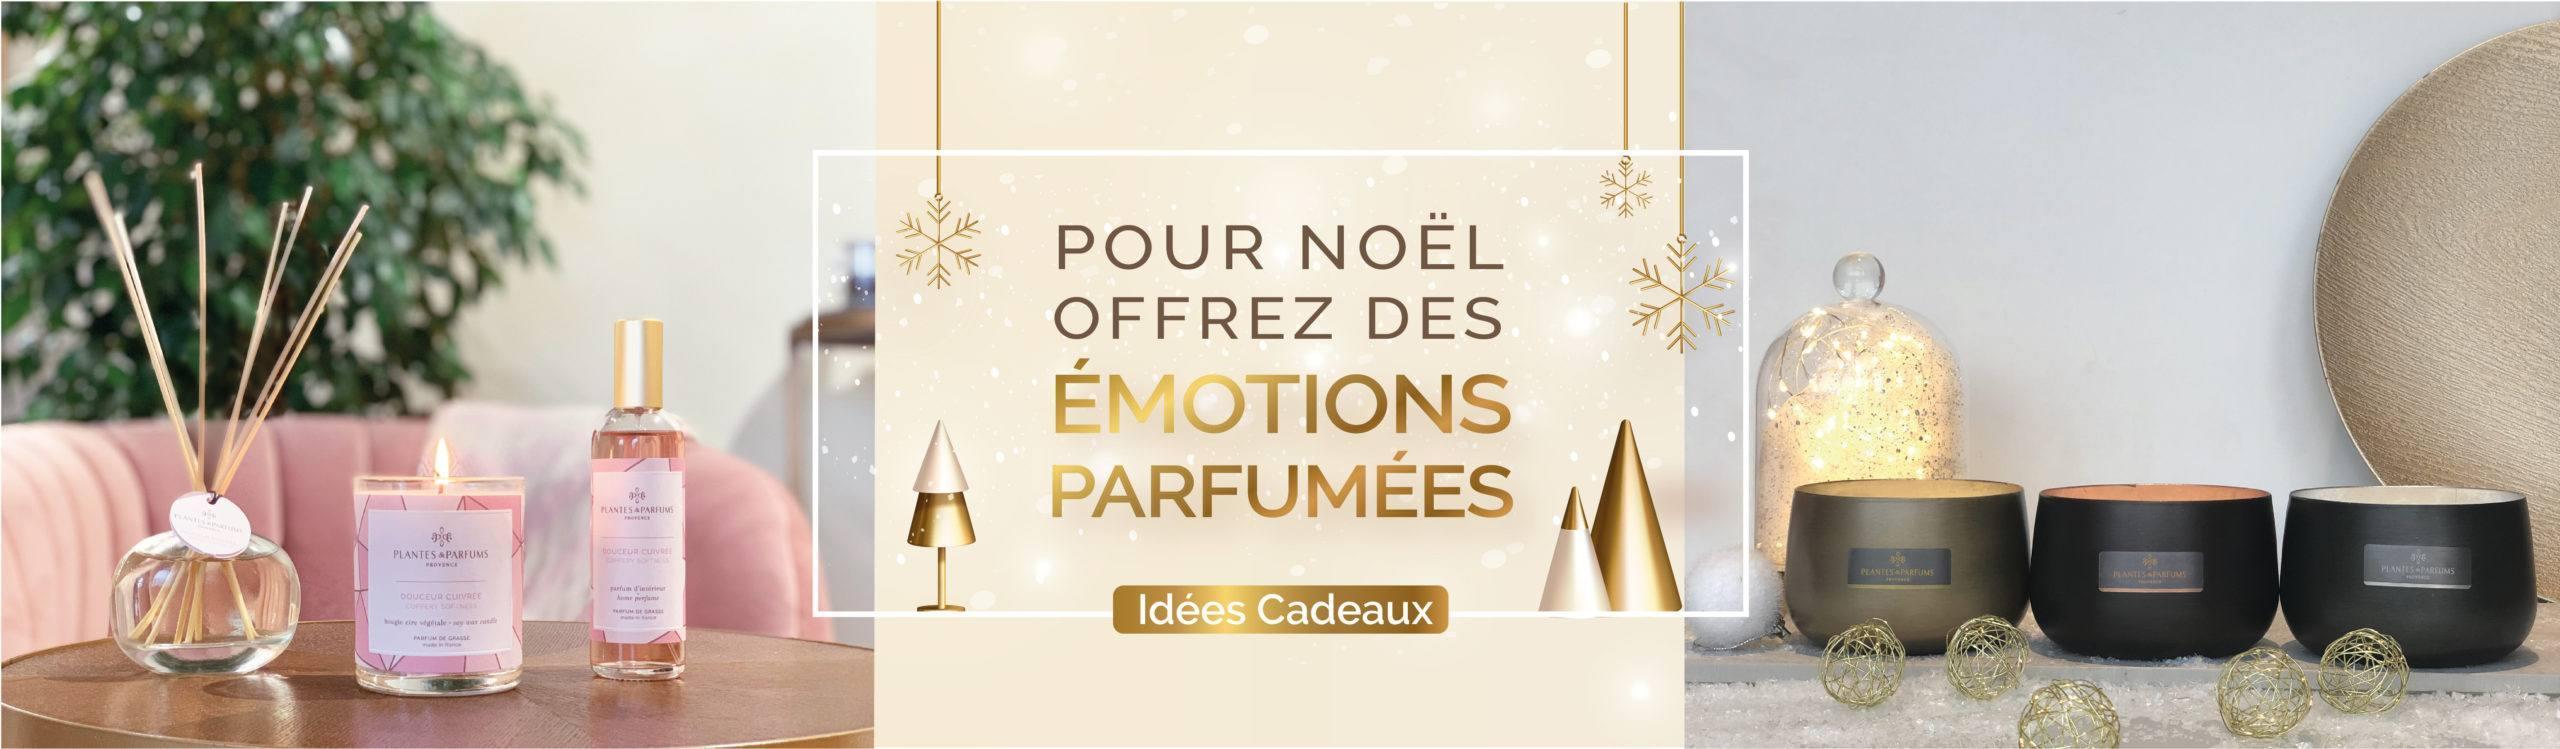 Banniere_Cadeau_1120_FR